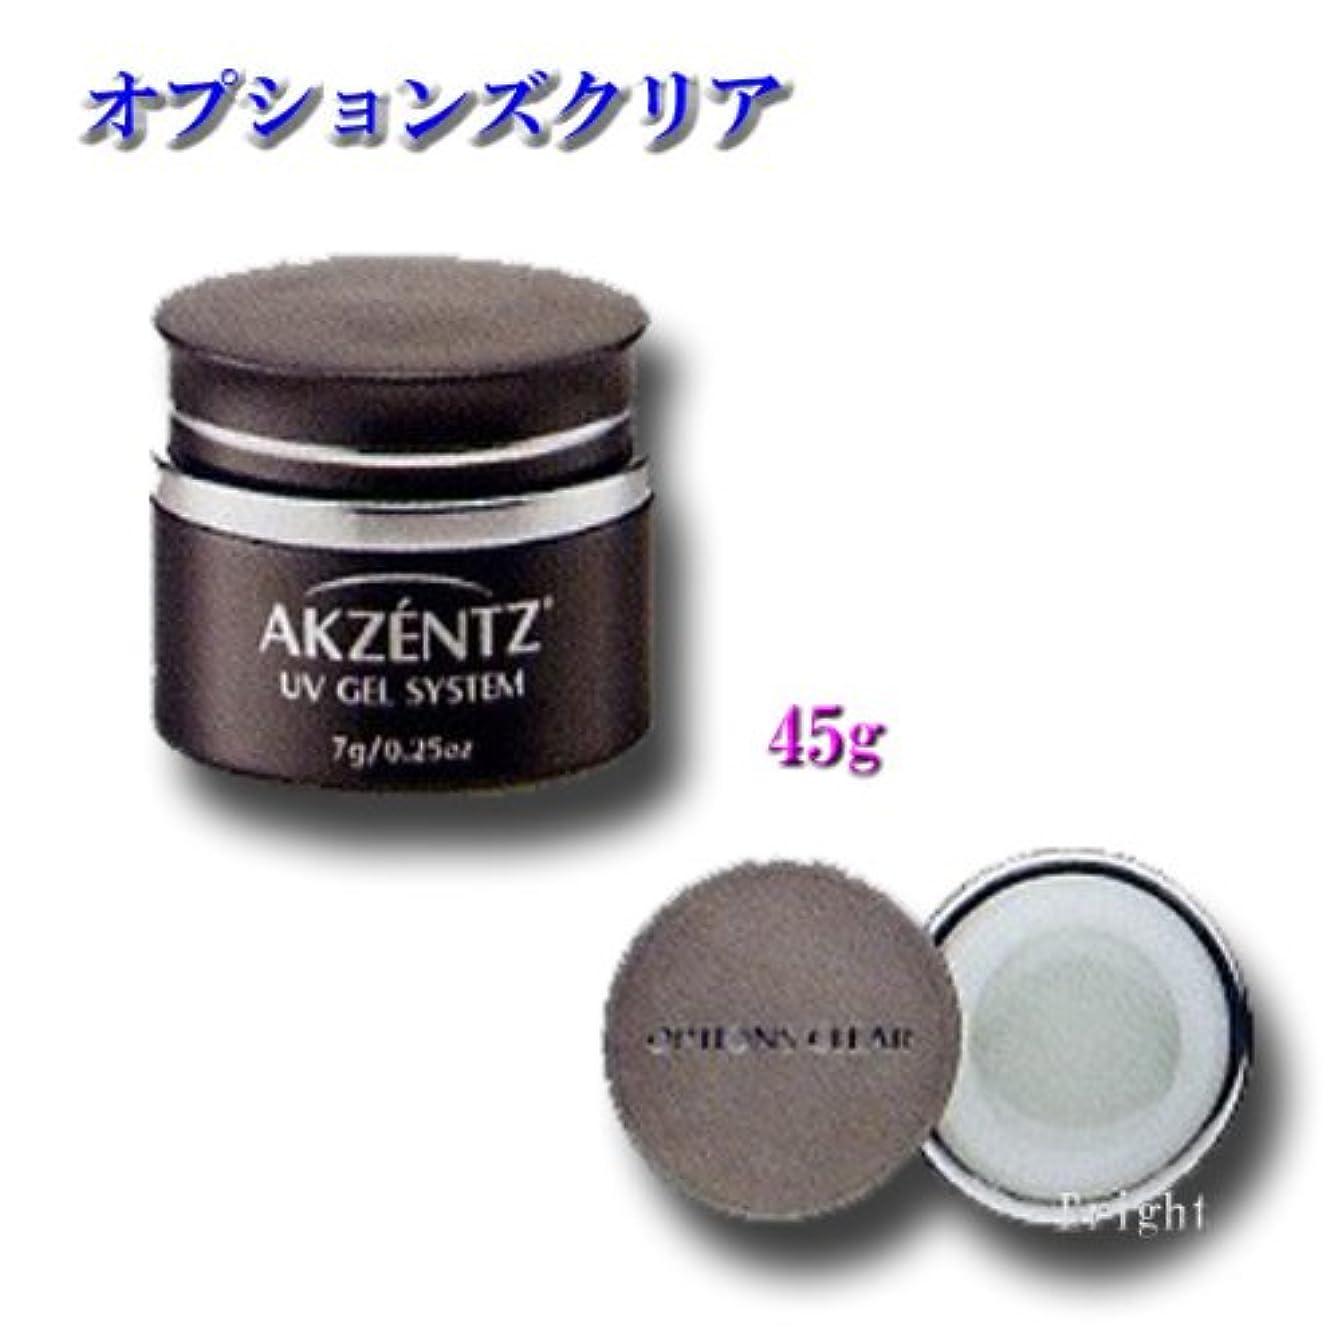 物理オープニングヘアアクセンツ(AKZENTZ) オプションズ クリア 45g